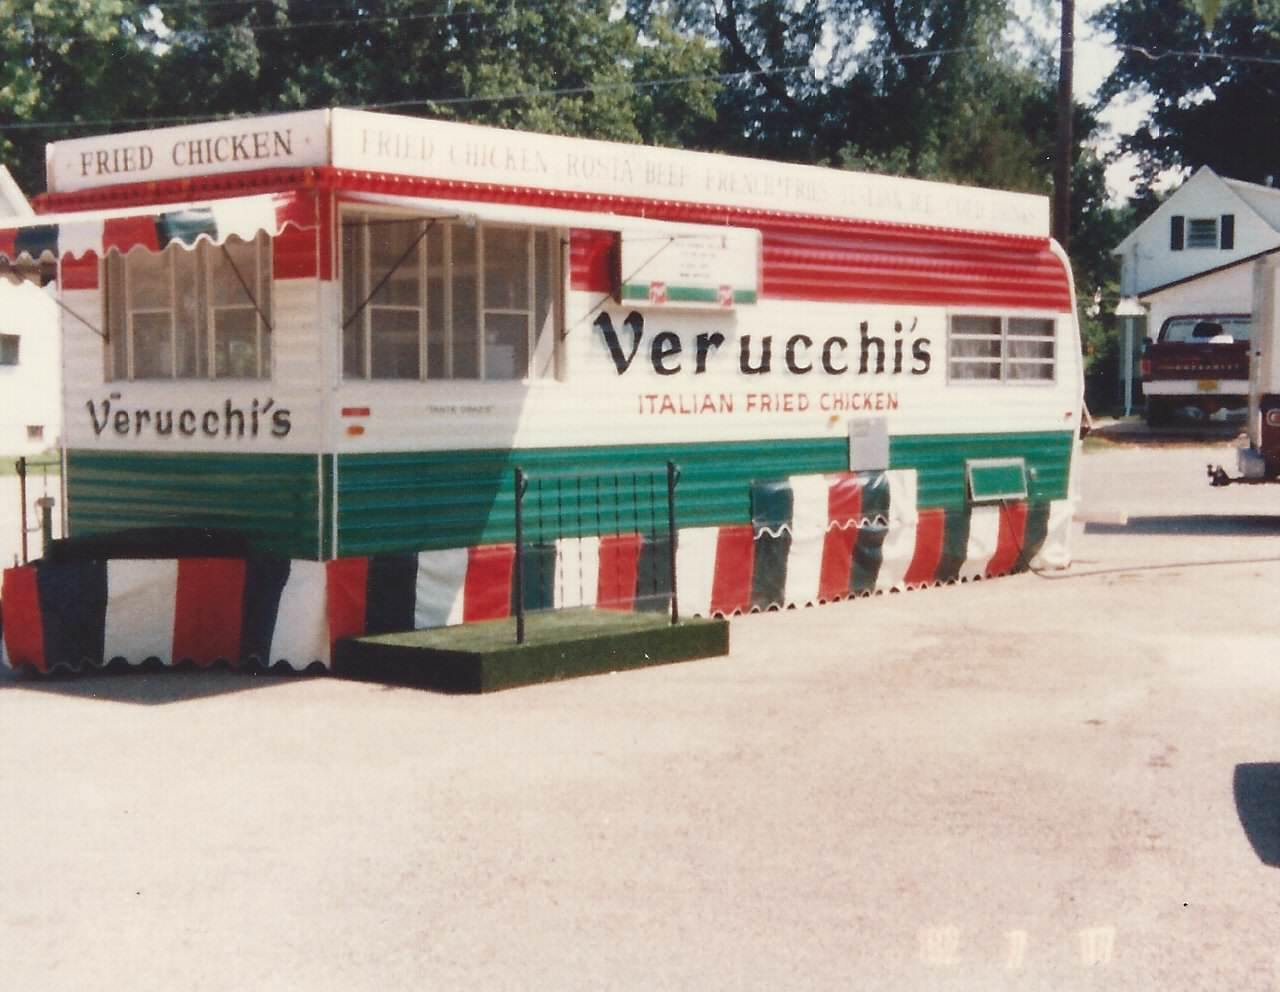 Verucchis Chicken Wagon